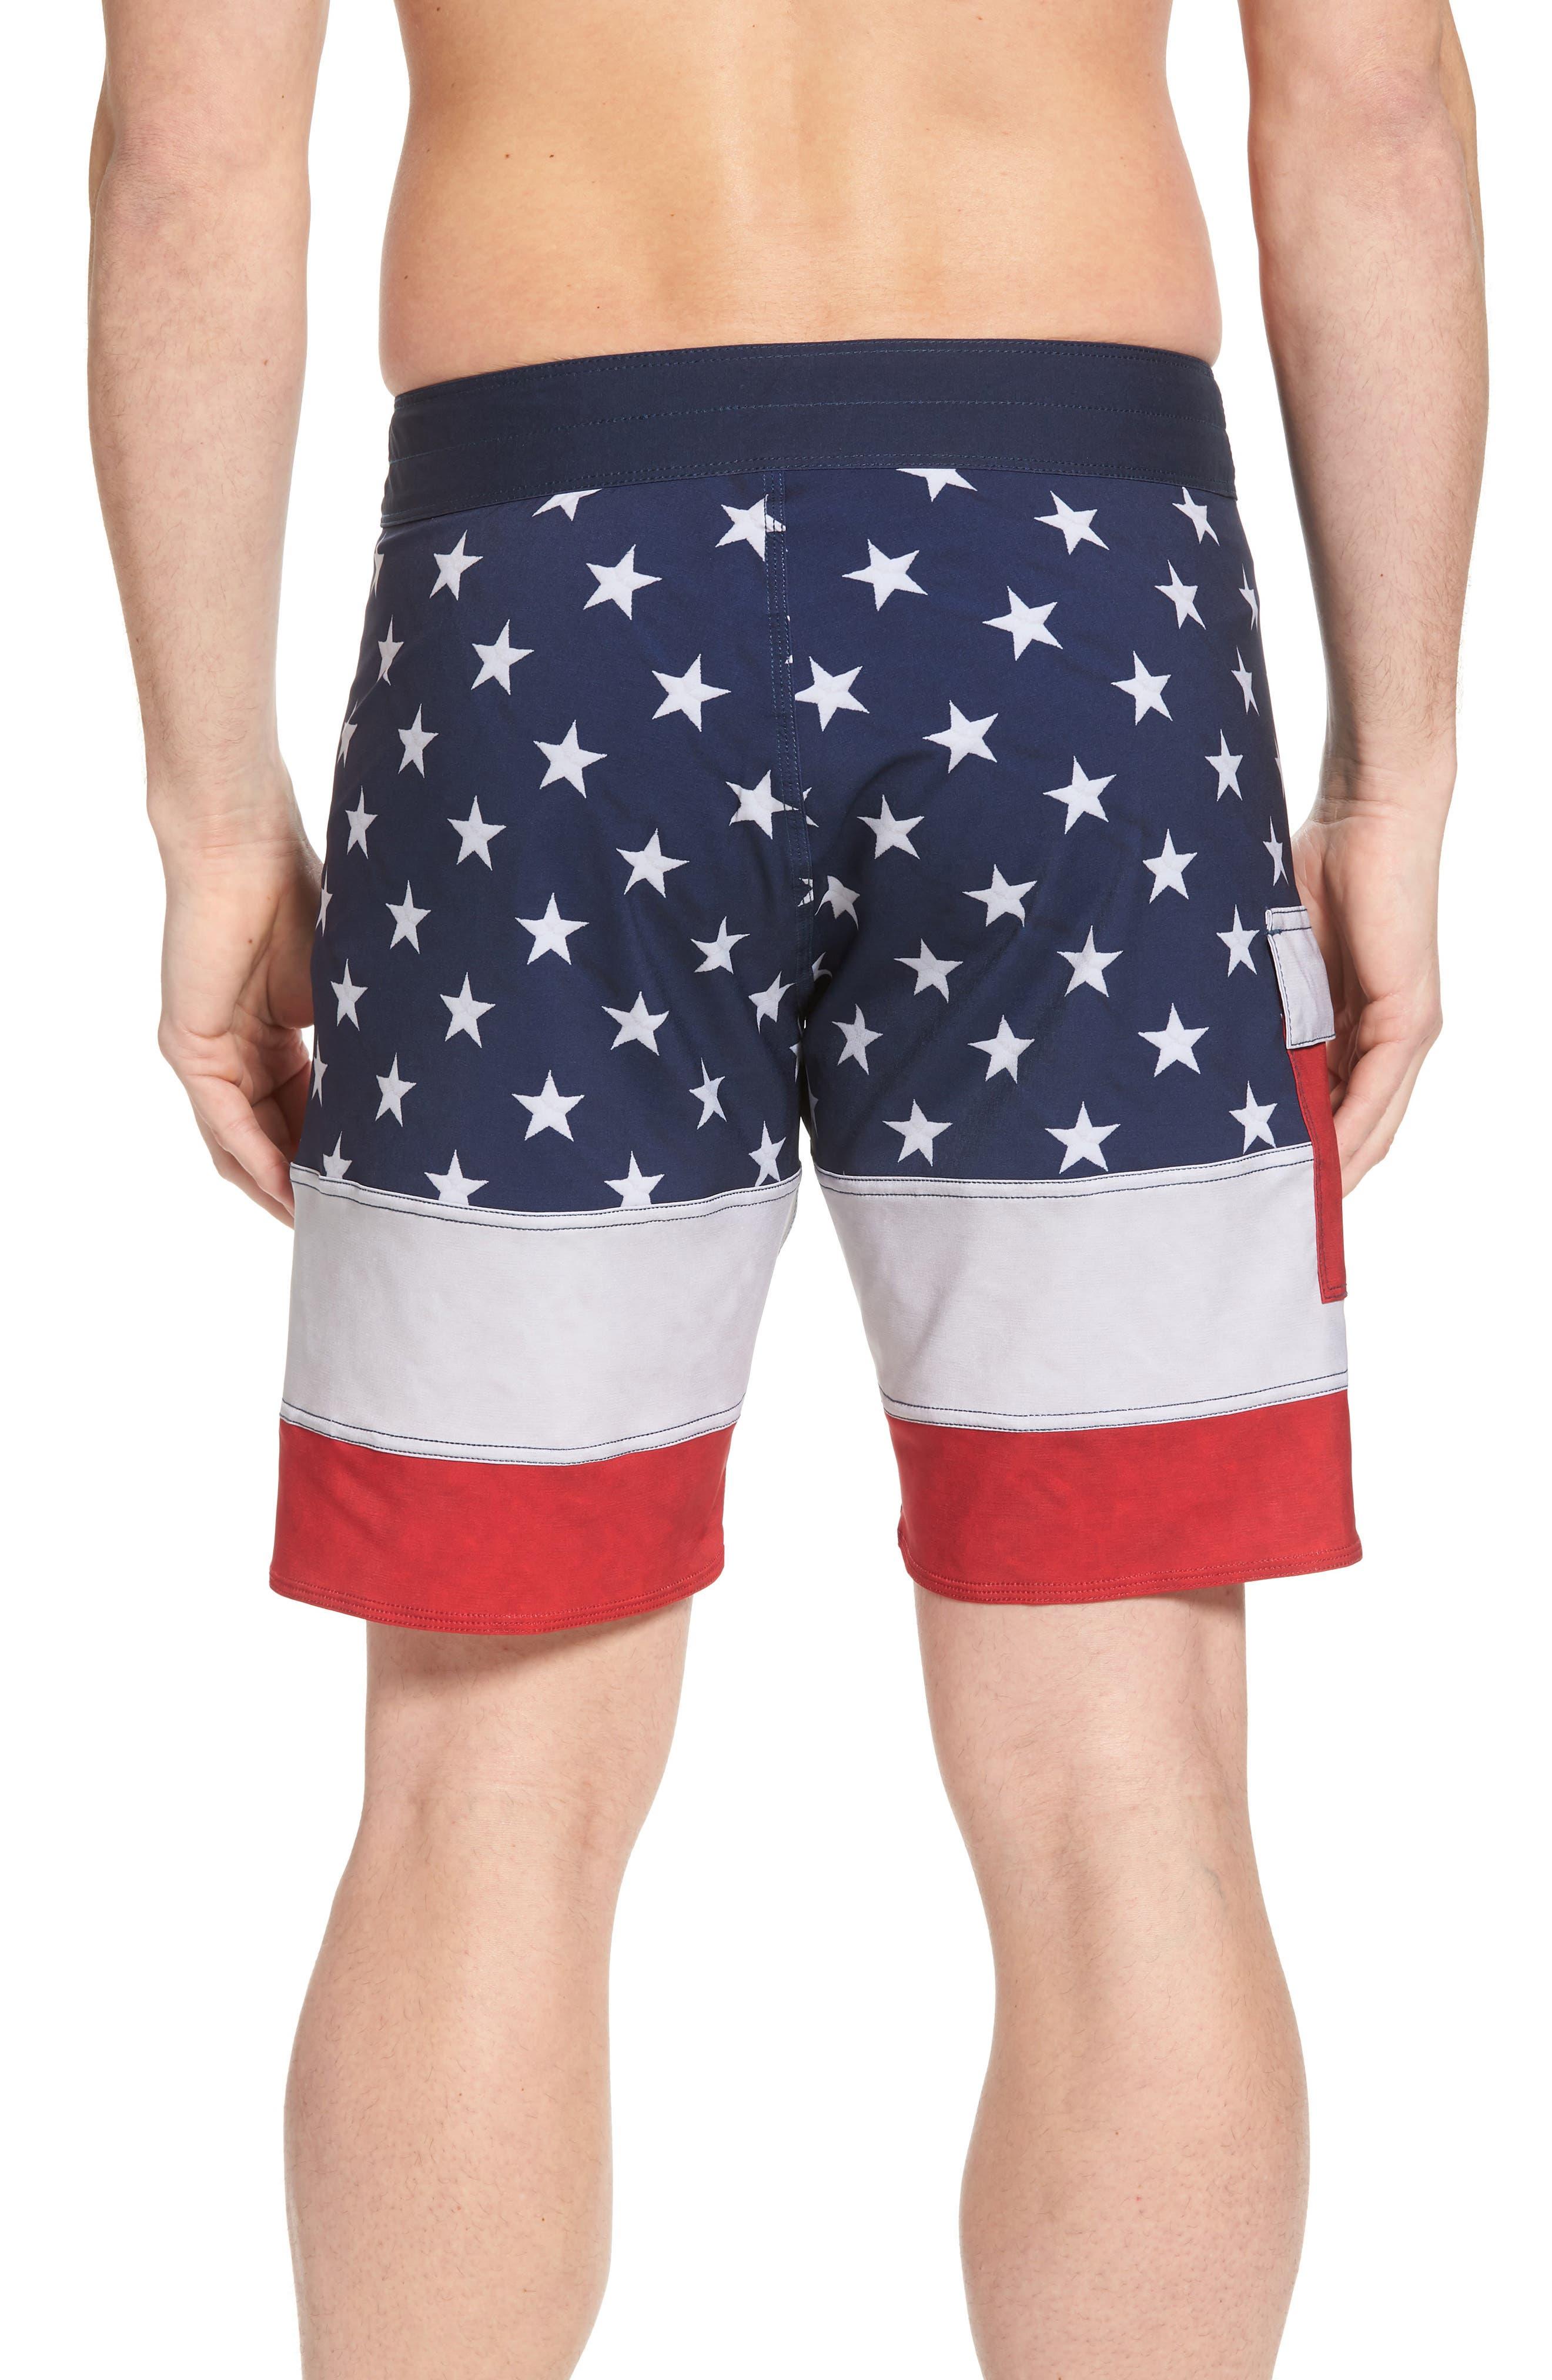 Pump X Board Shorts,                             Alternate thumbnail 2, color,                             Navy